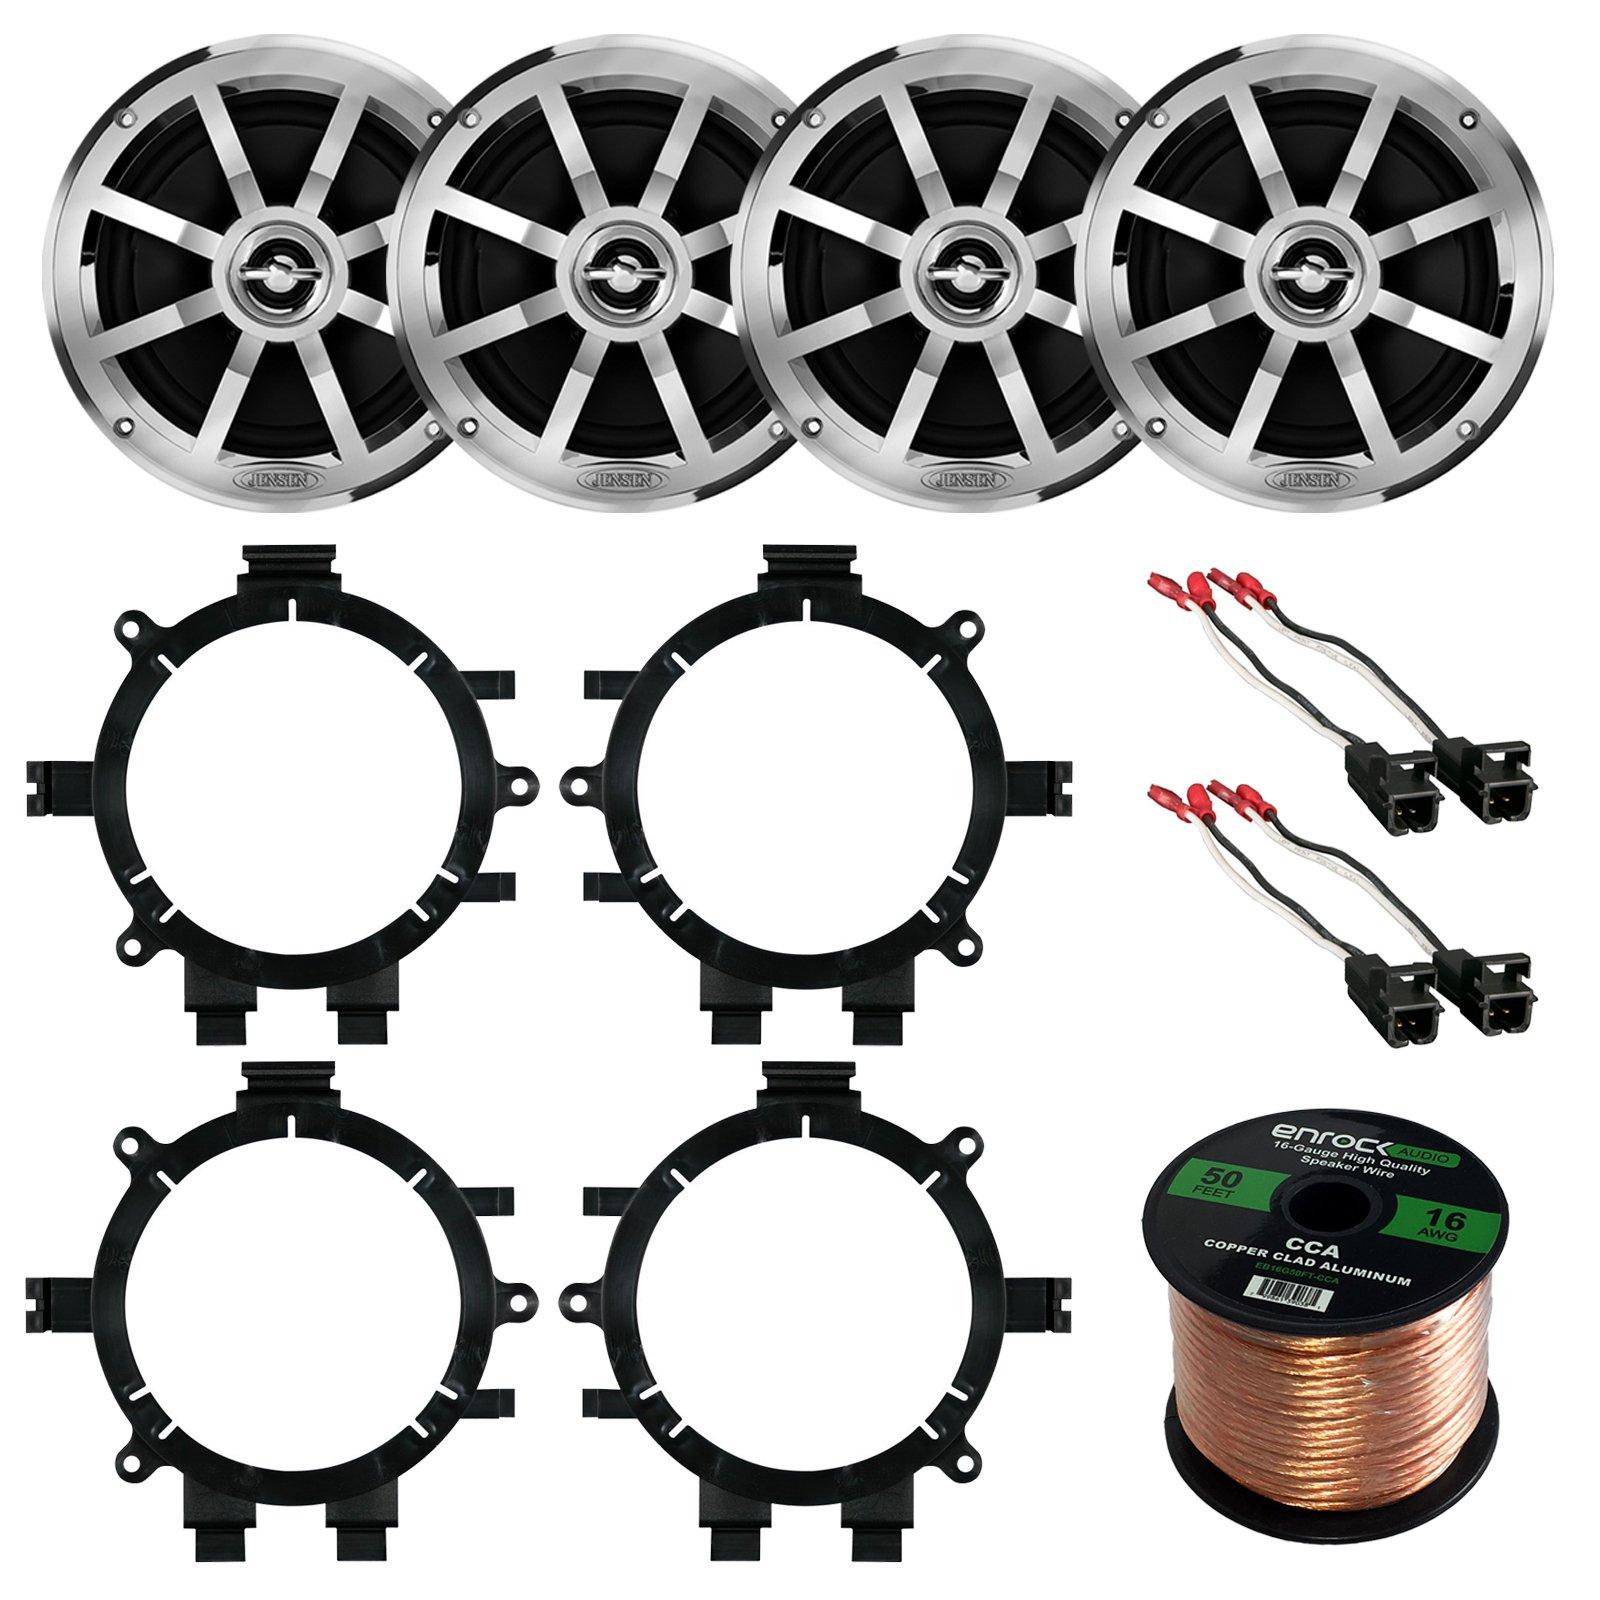 Car Speaker Bundle Combo: 2 Pairs of Jensen MSX60CPR 6.5'' Inch 150 Watts 2-Way Black Car Stereo Coaxial Speaker W/ Adapter Brackets + Wiring Harness + Enrock 50 Foot 16 Gauge Speaker Wire